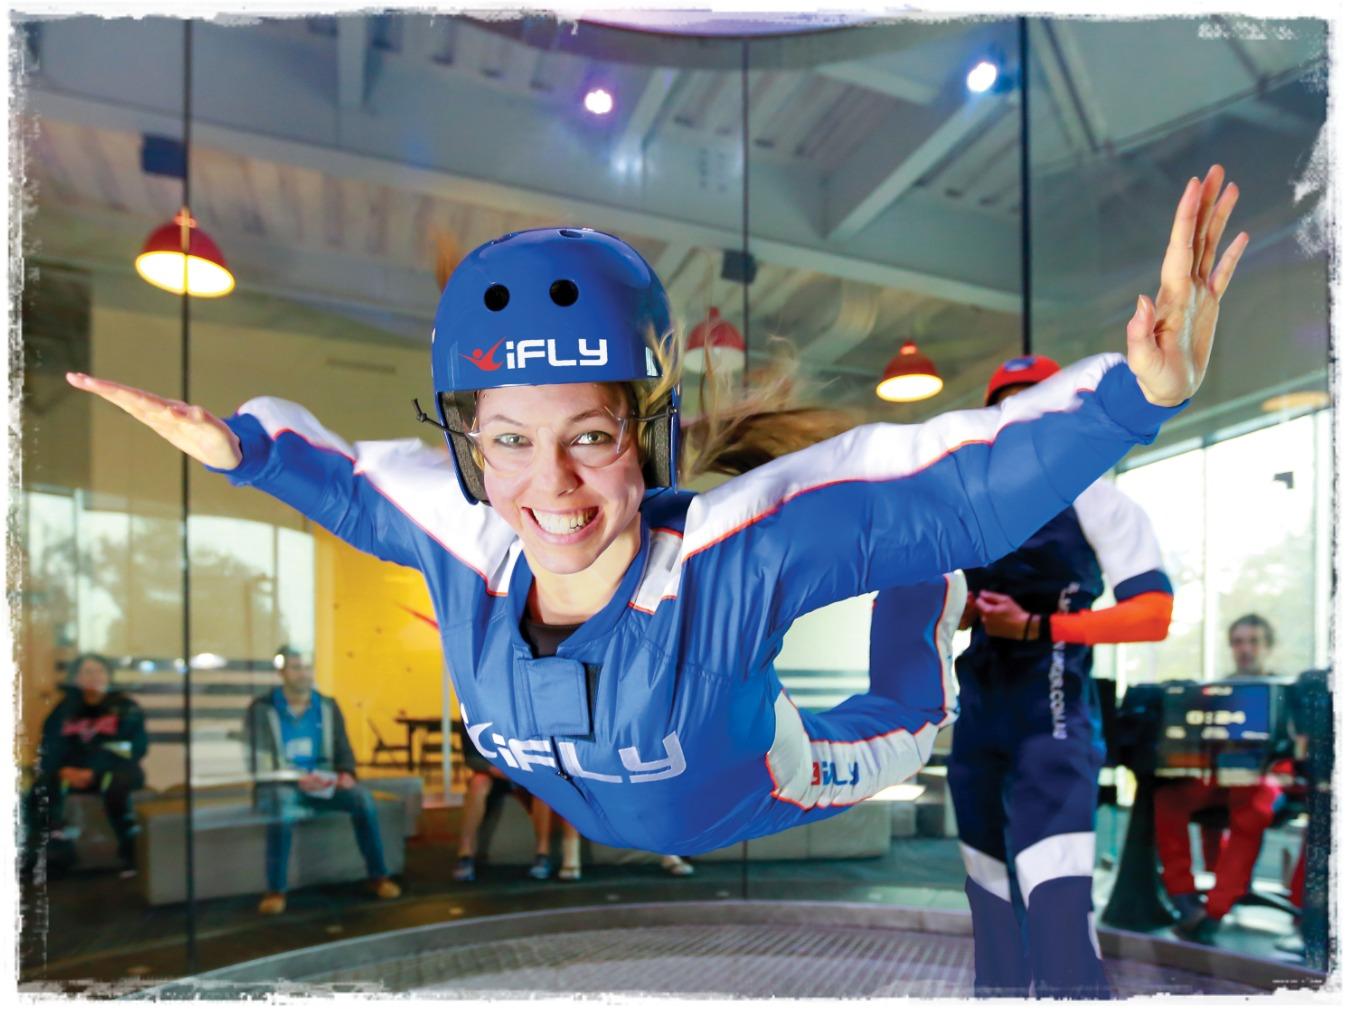 Simulador de pulo de para-quedas iFly Orlando 3